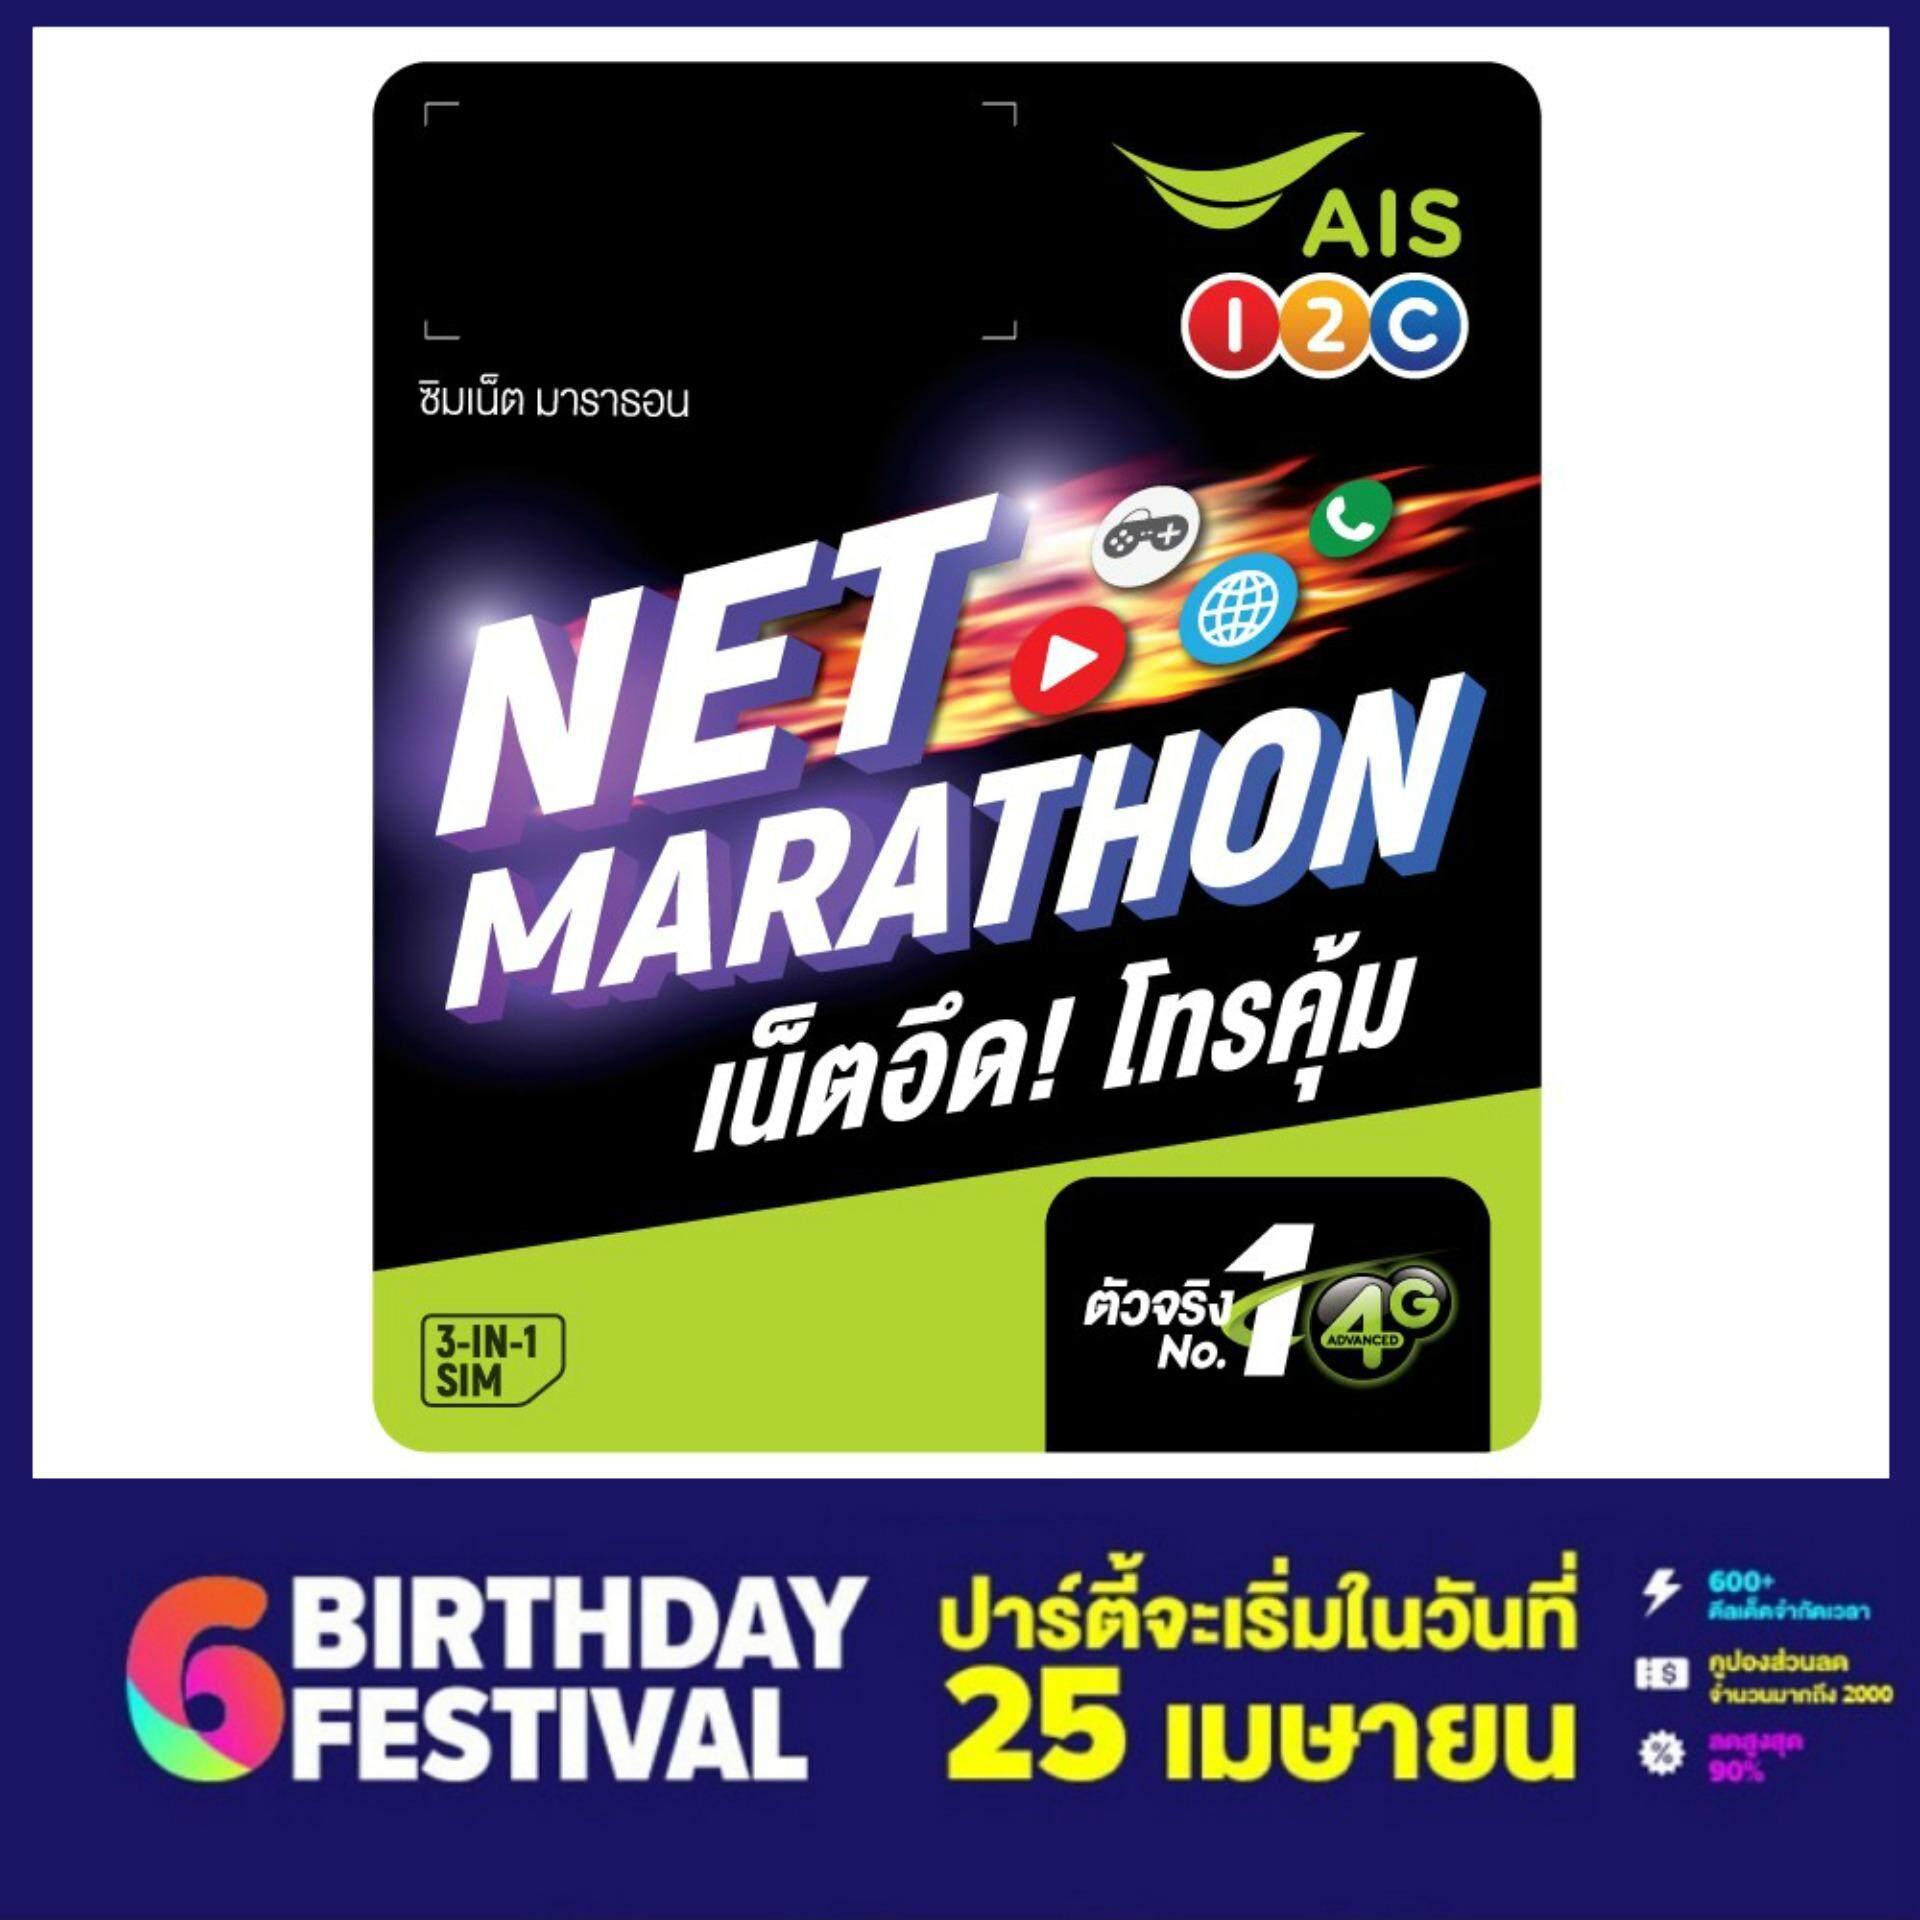 ซิมเน็ต AIS Net Marathon ซิมเน็ตไม่อั้น AIS เล่นได้ไม่อั้น 4Mbps นาน 1ปี